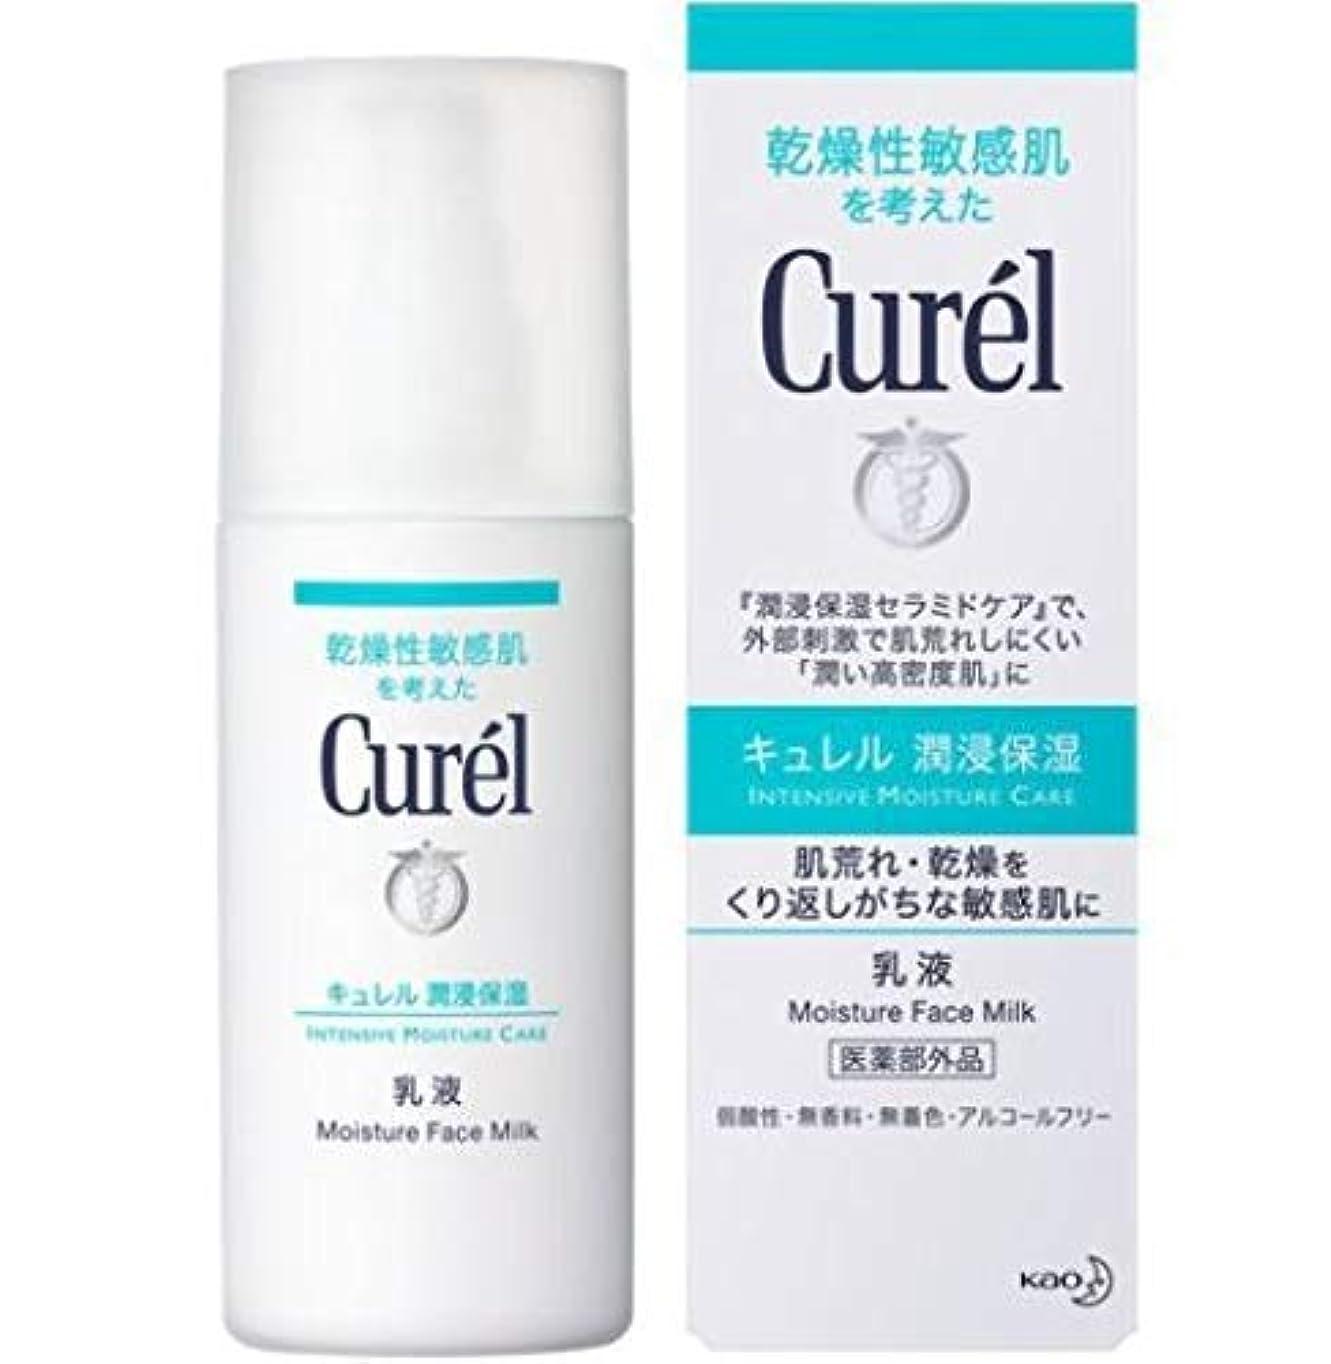 許す代わりのかりてCurél キュレルの保湿集中治療保湿フェイスミルクは120ミリリットルは、お肌の自然なバリア機能を向上させ落ち着かせると乾燥から肌を保護するために-helps